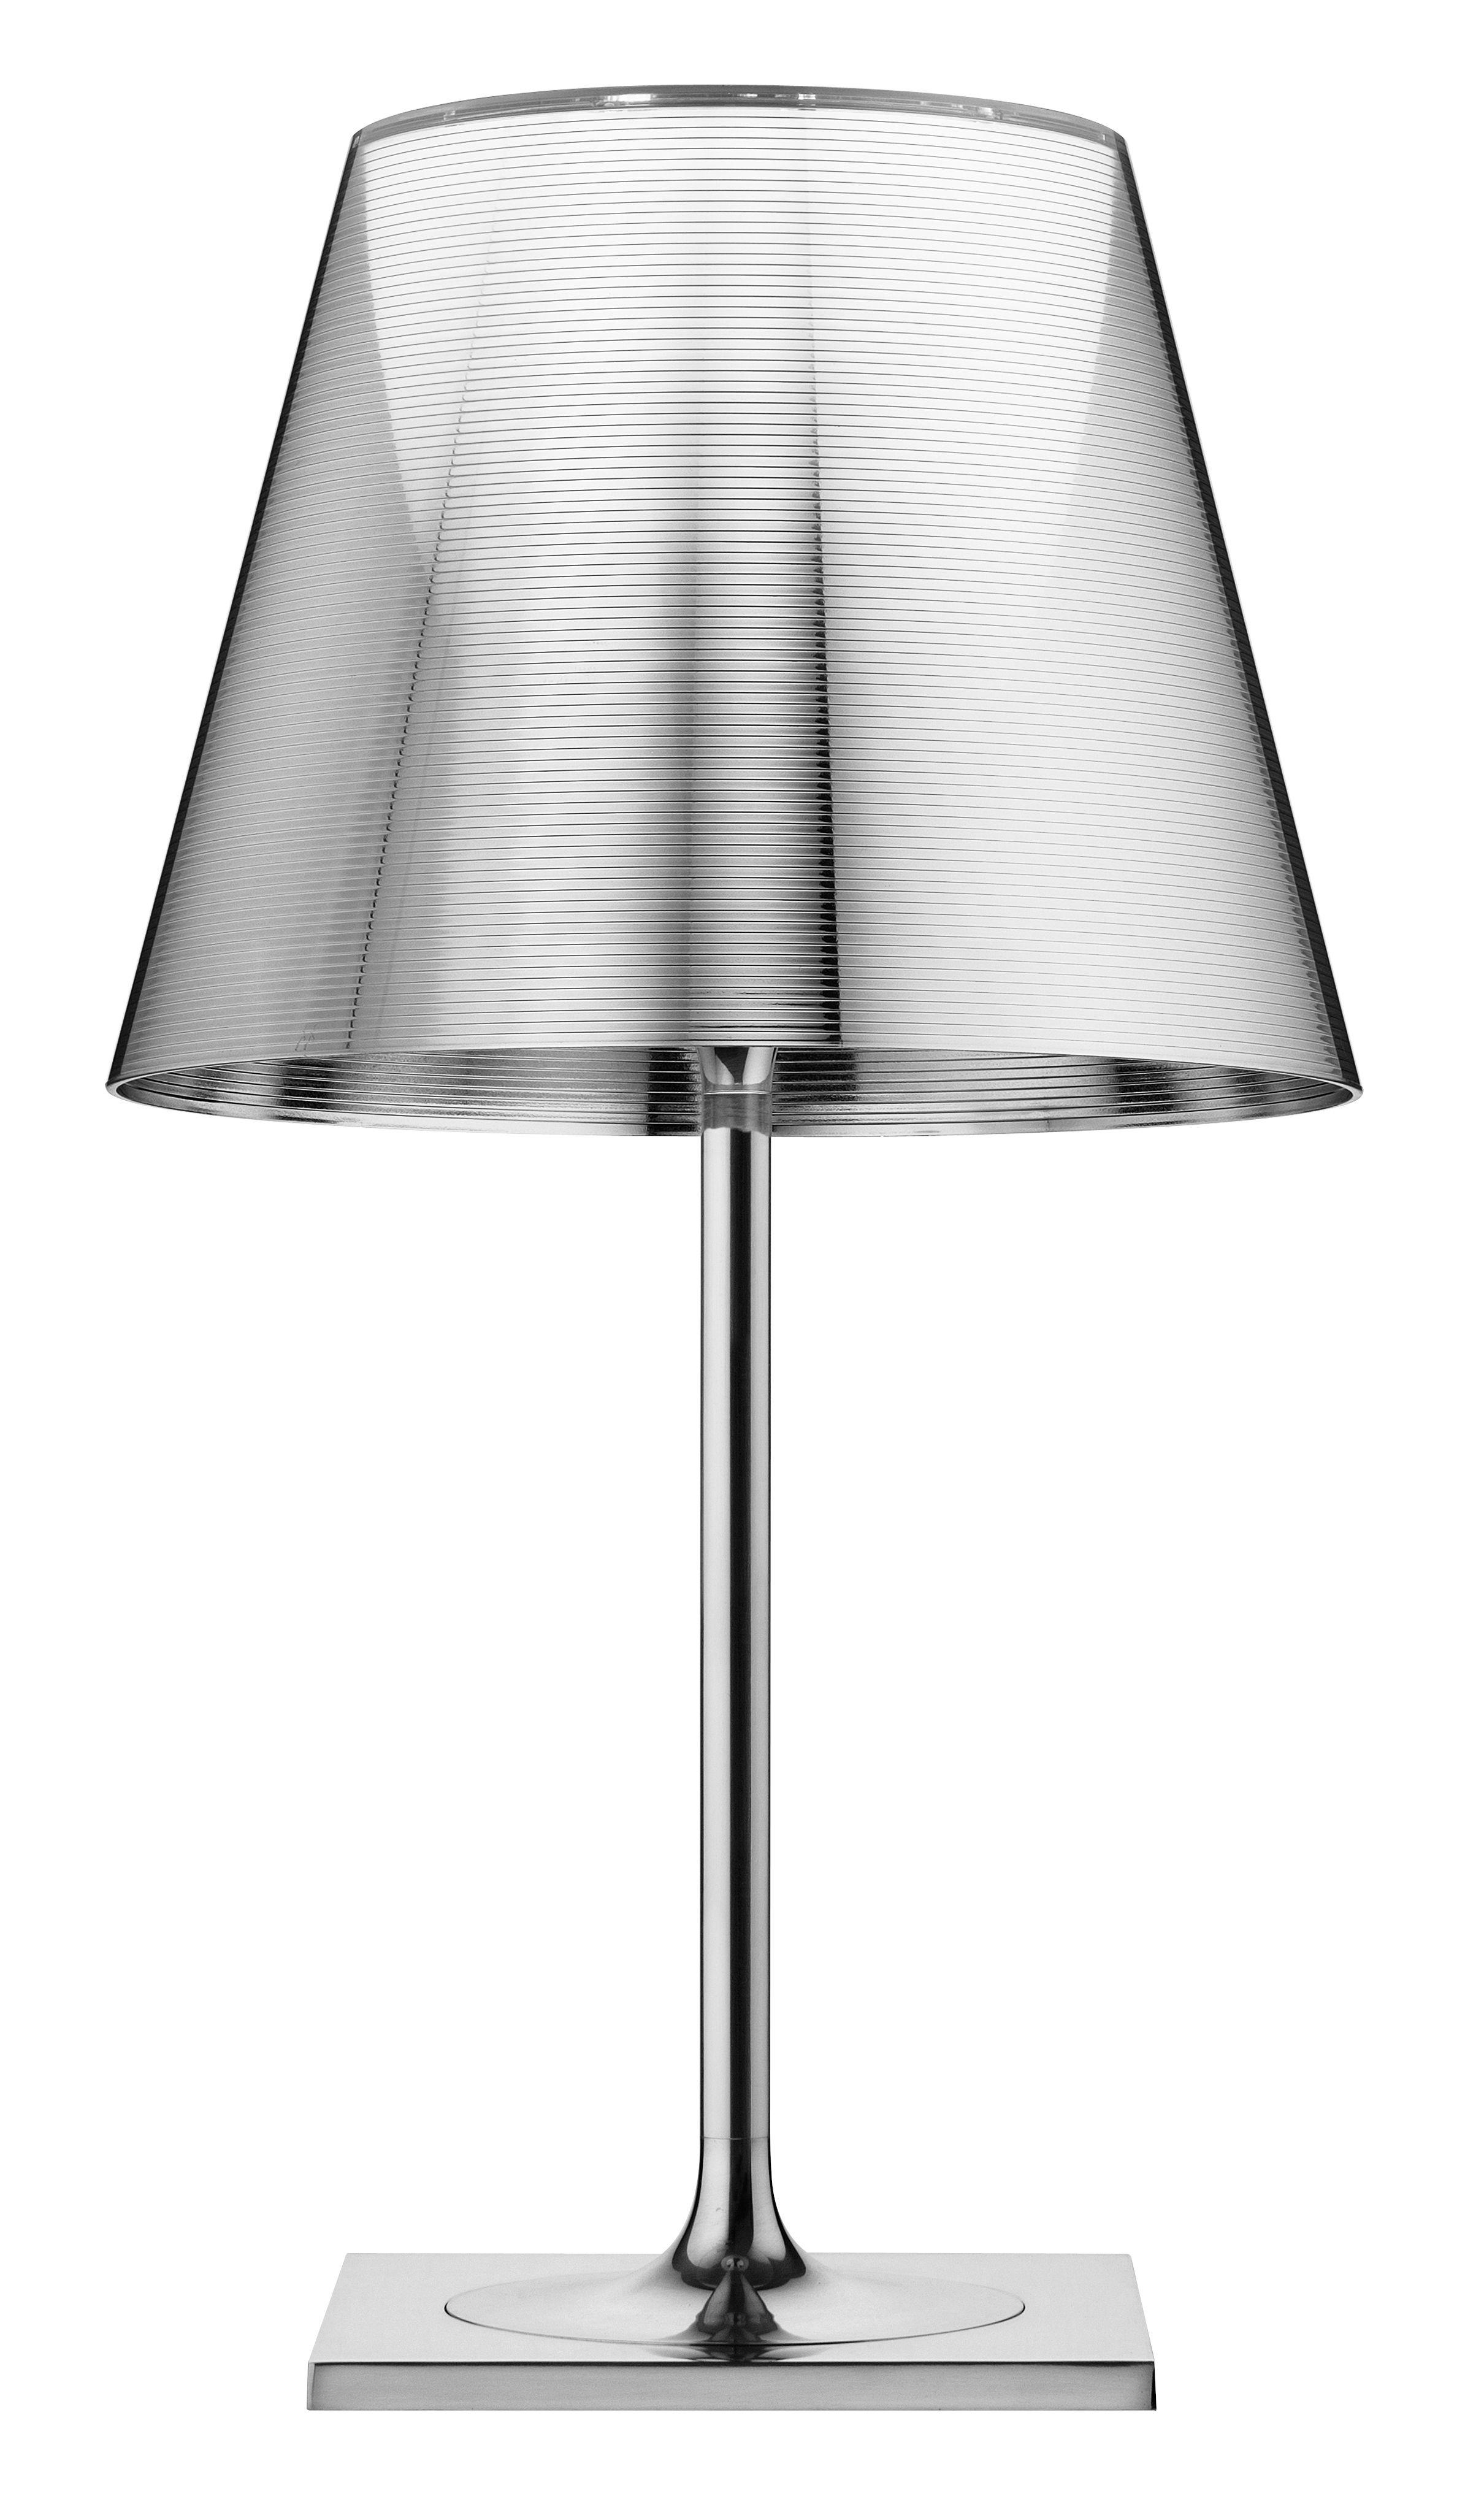 Scopri lampada da tavolo k tribe t2 argento metallizzato for Lampada da tavolo design flos